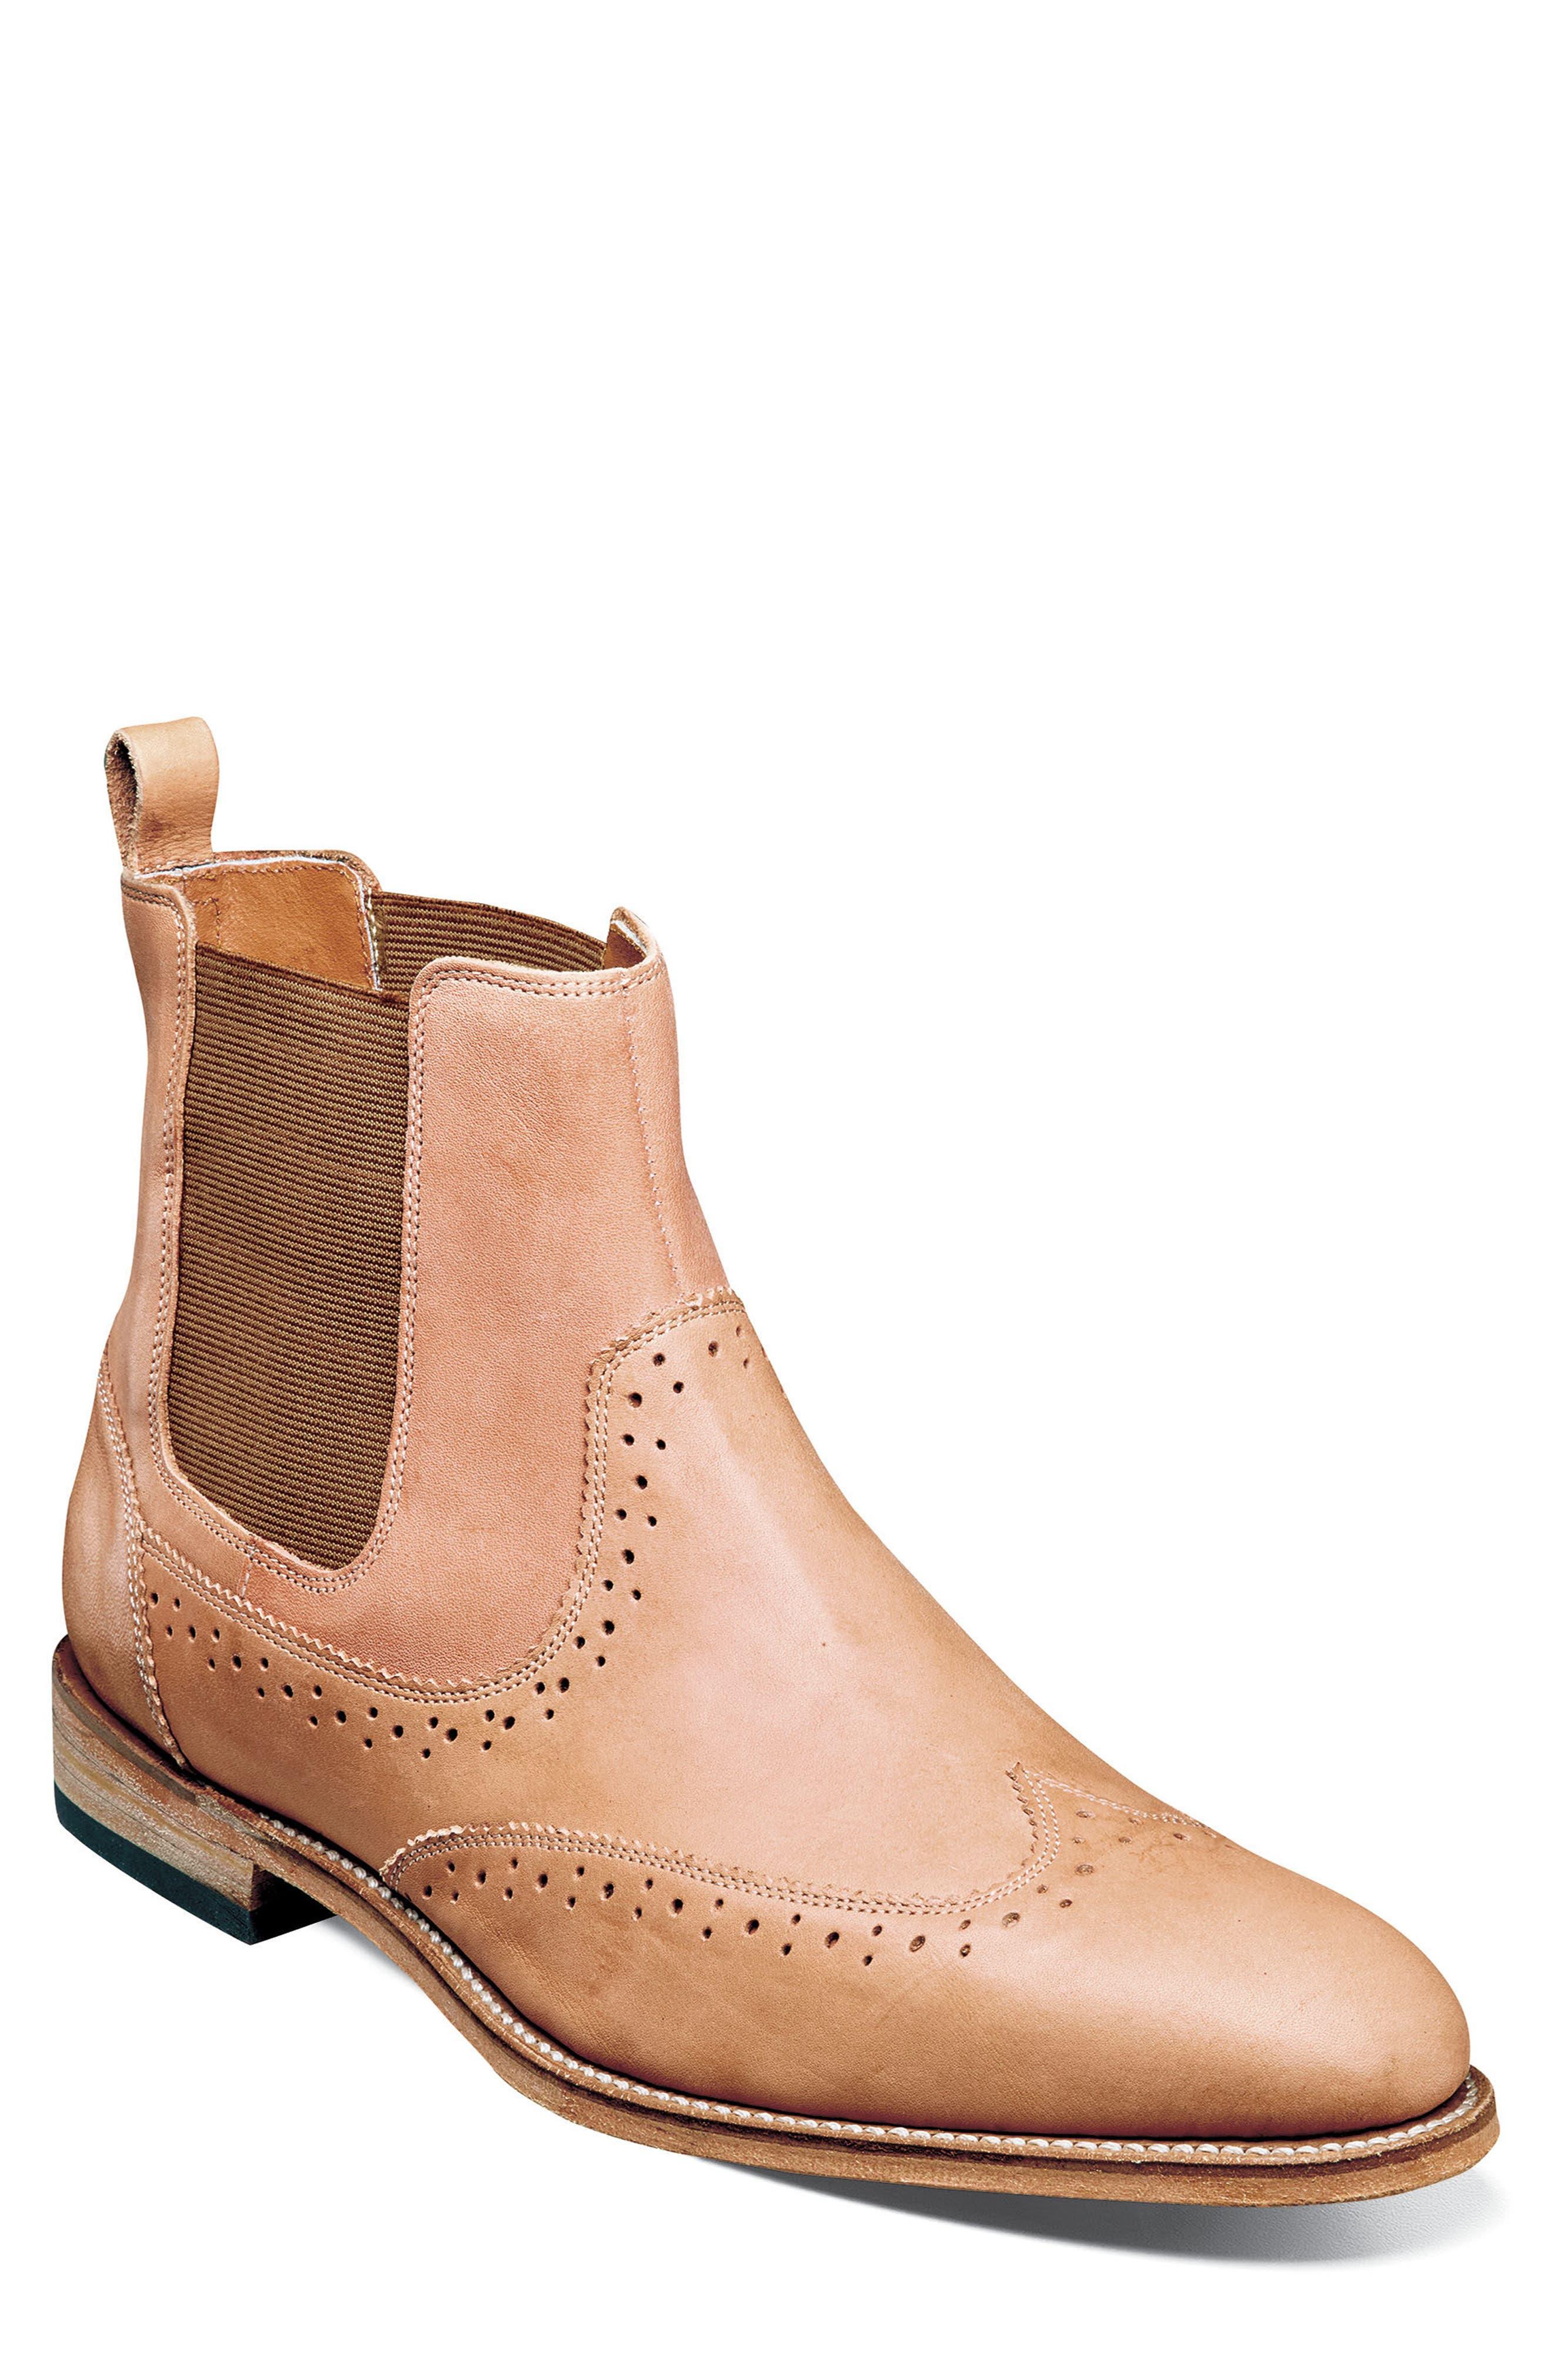 Stacy Adams M2 Wingtip Chelsea Boot - Brown